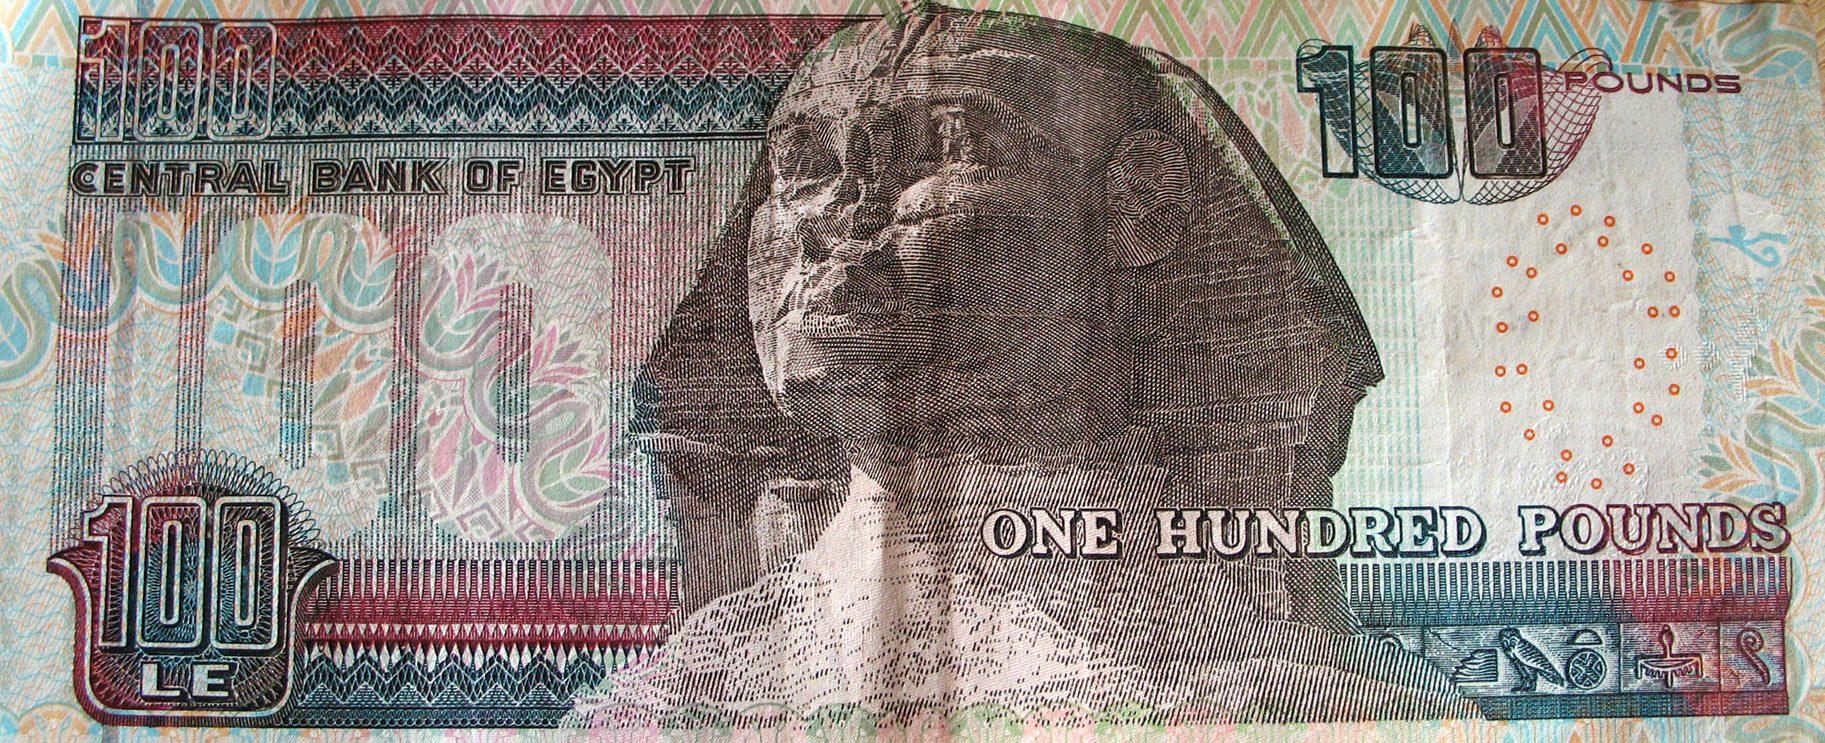 Sound as an Egyptian Pound?